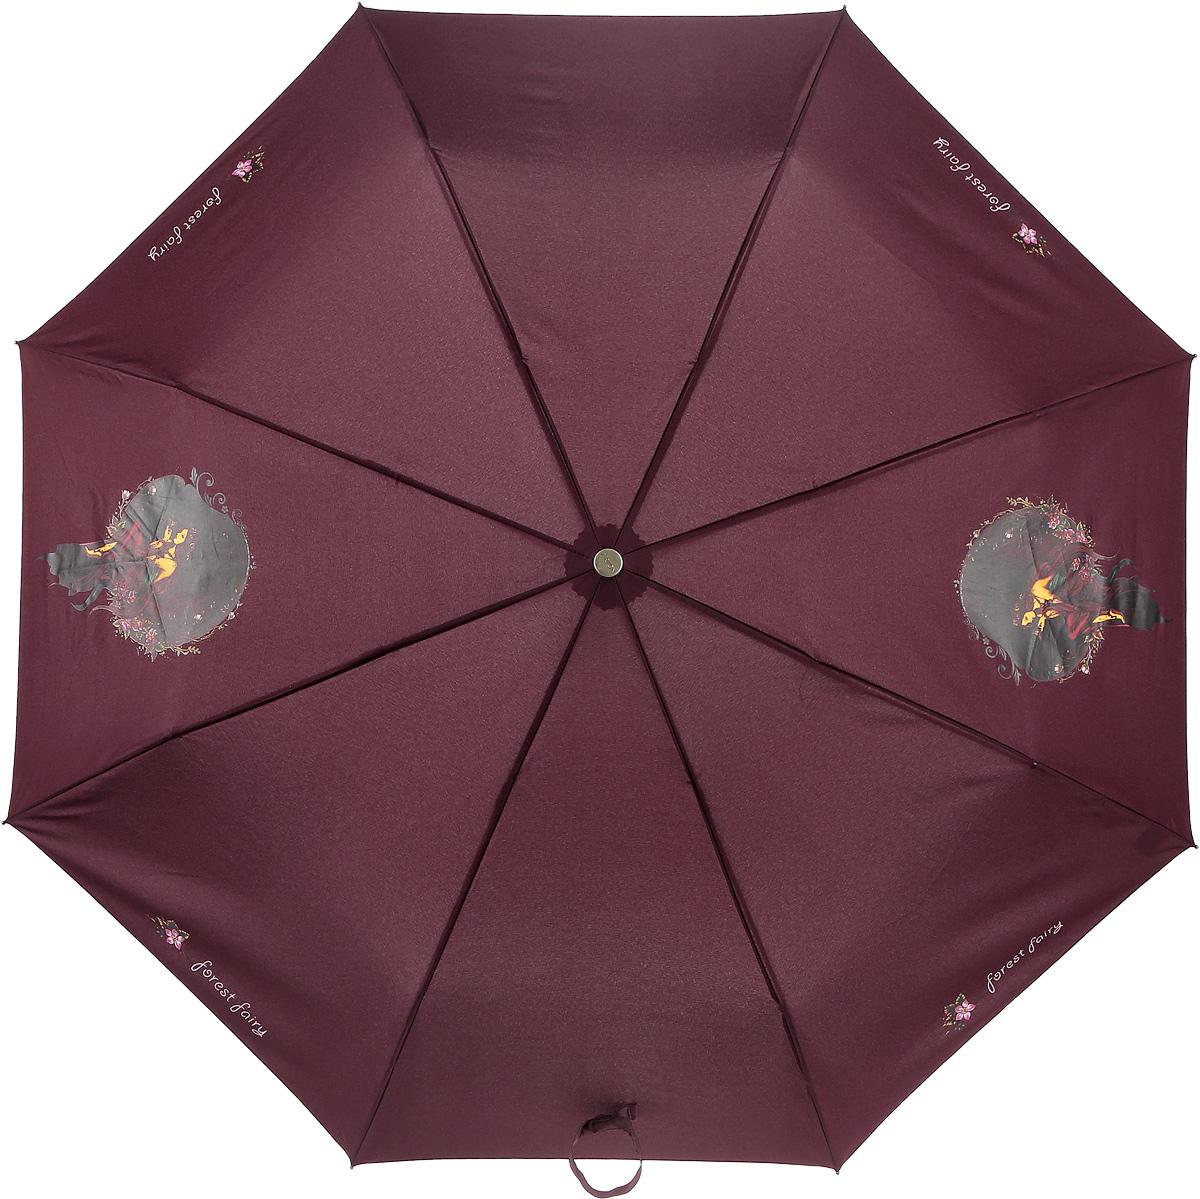 Зонт женский Airton, автомат, 3 сложения, цвет: бордовый, черный. 3912-338 зонт airton 3917 8028 полный автомат женский